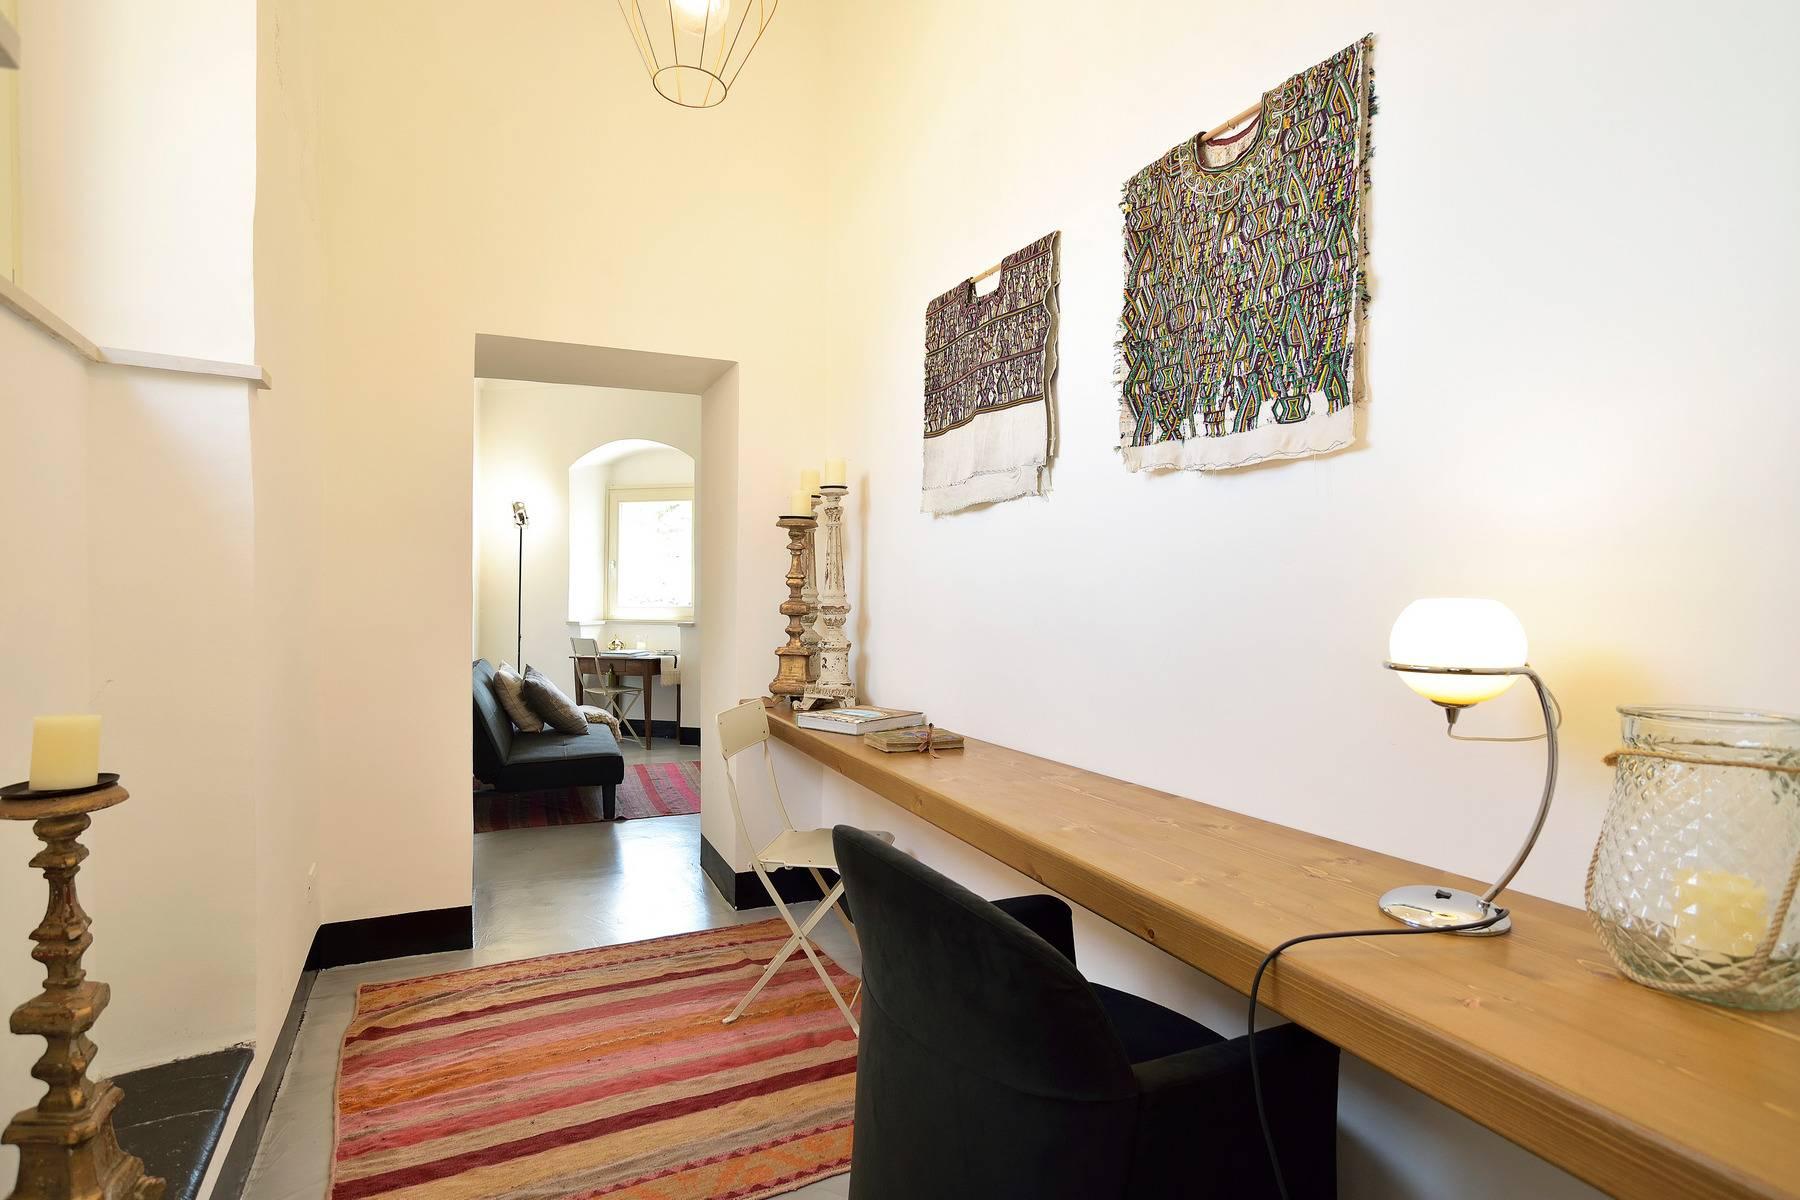 Casa indipendente in Vendita a Modica: 5 locali, 185 mq - Foto 19